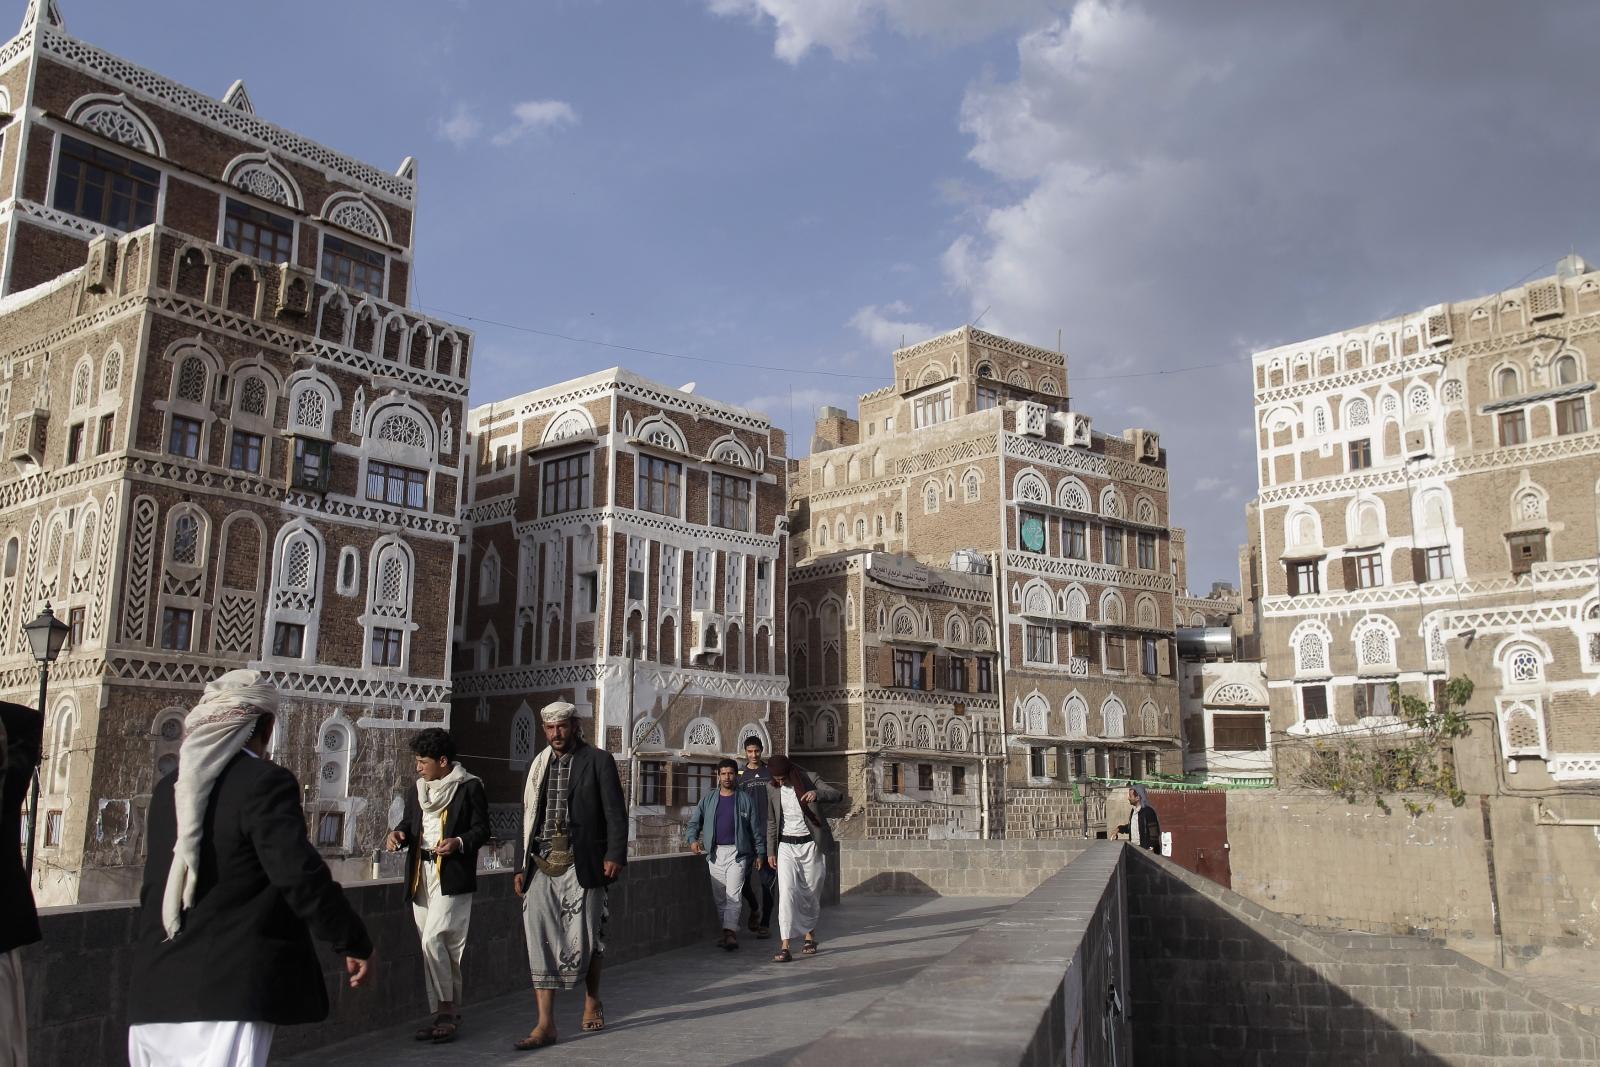 Old Sanaa city